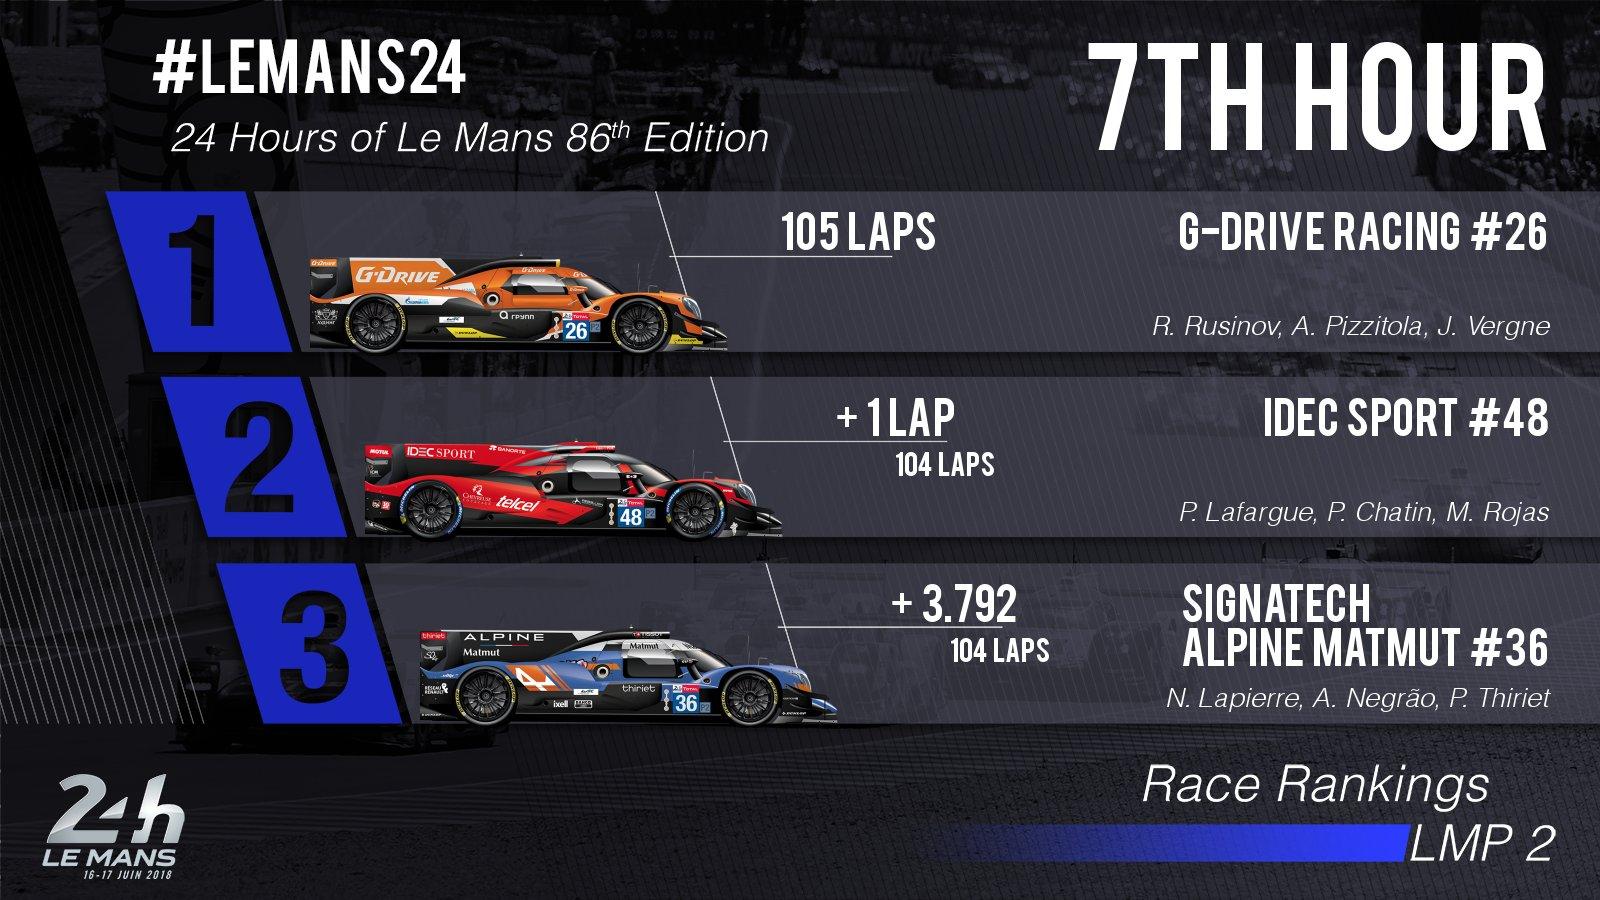 24 Horas de Le Mans 2018 - Página 3 Df1pObsWsAEp3hZ